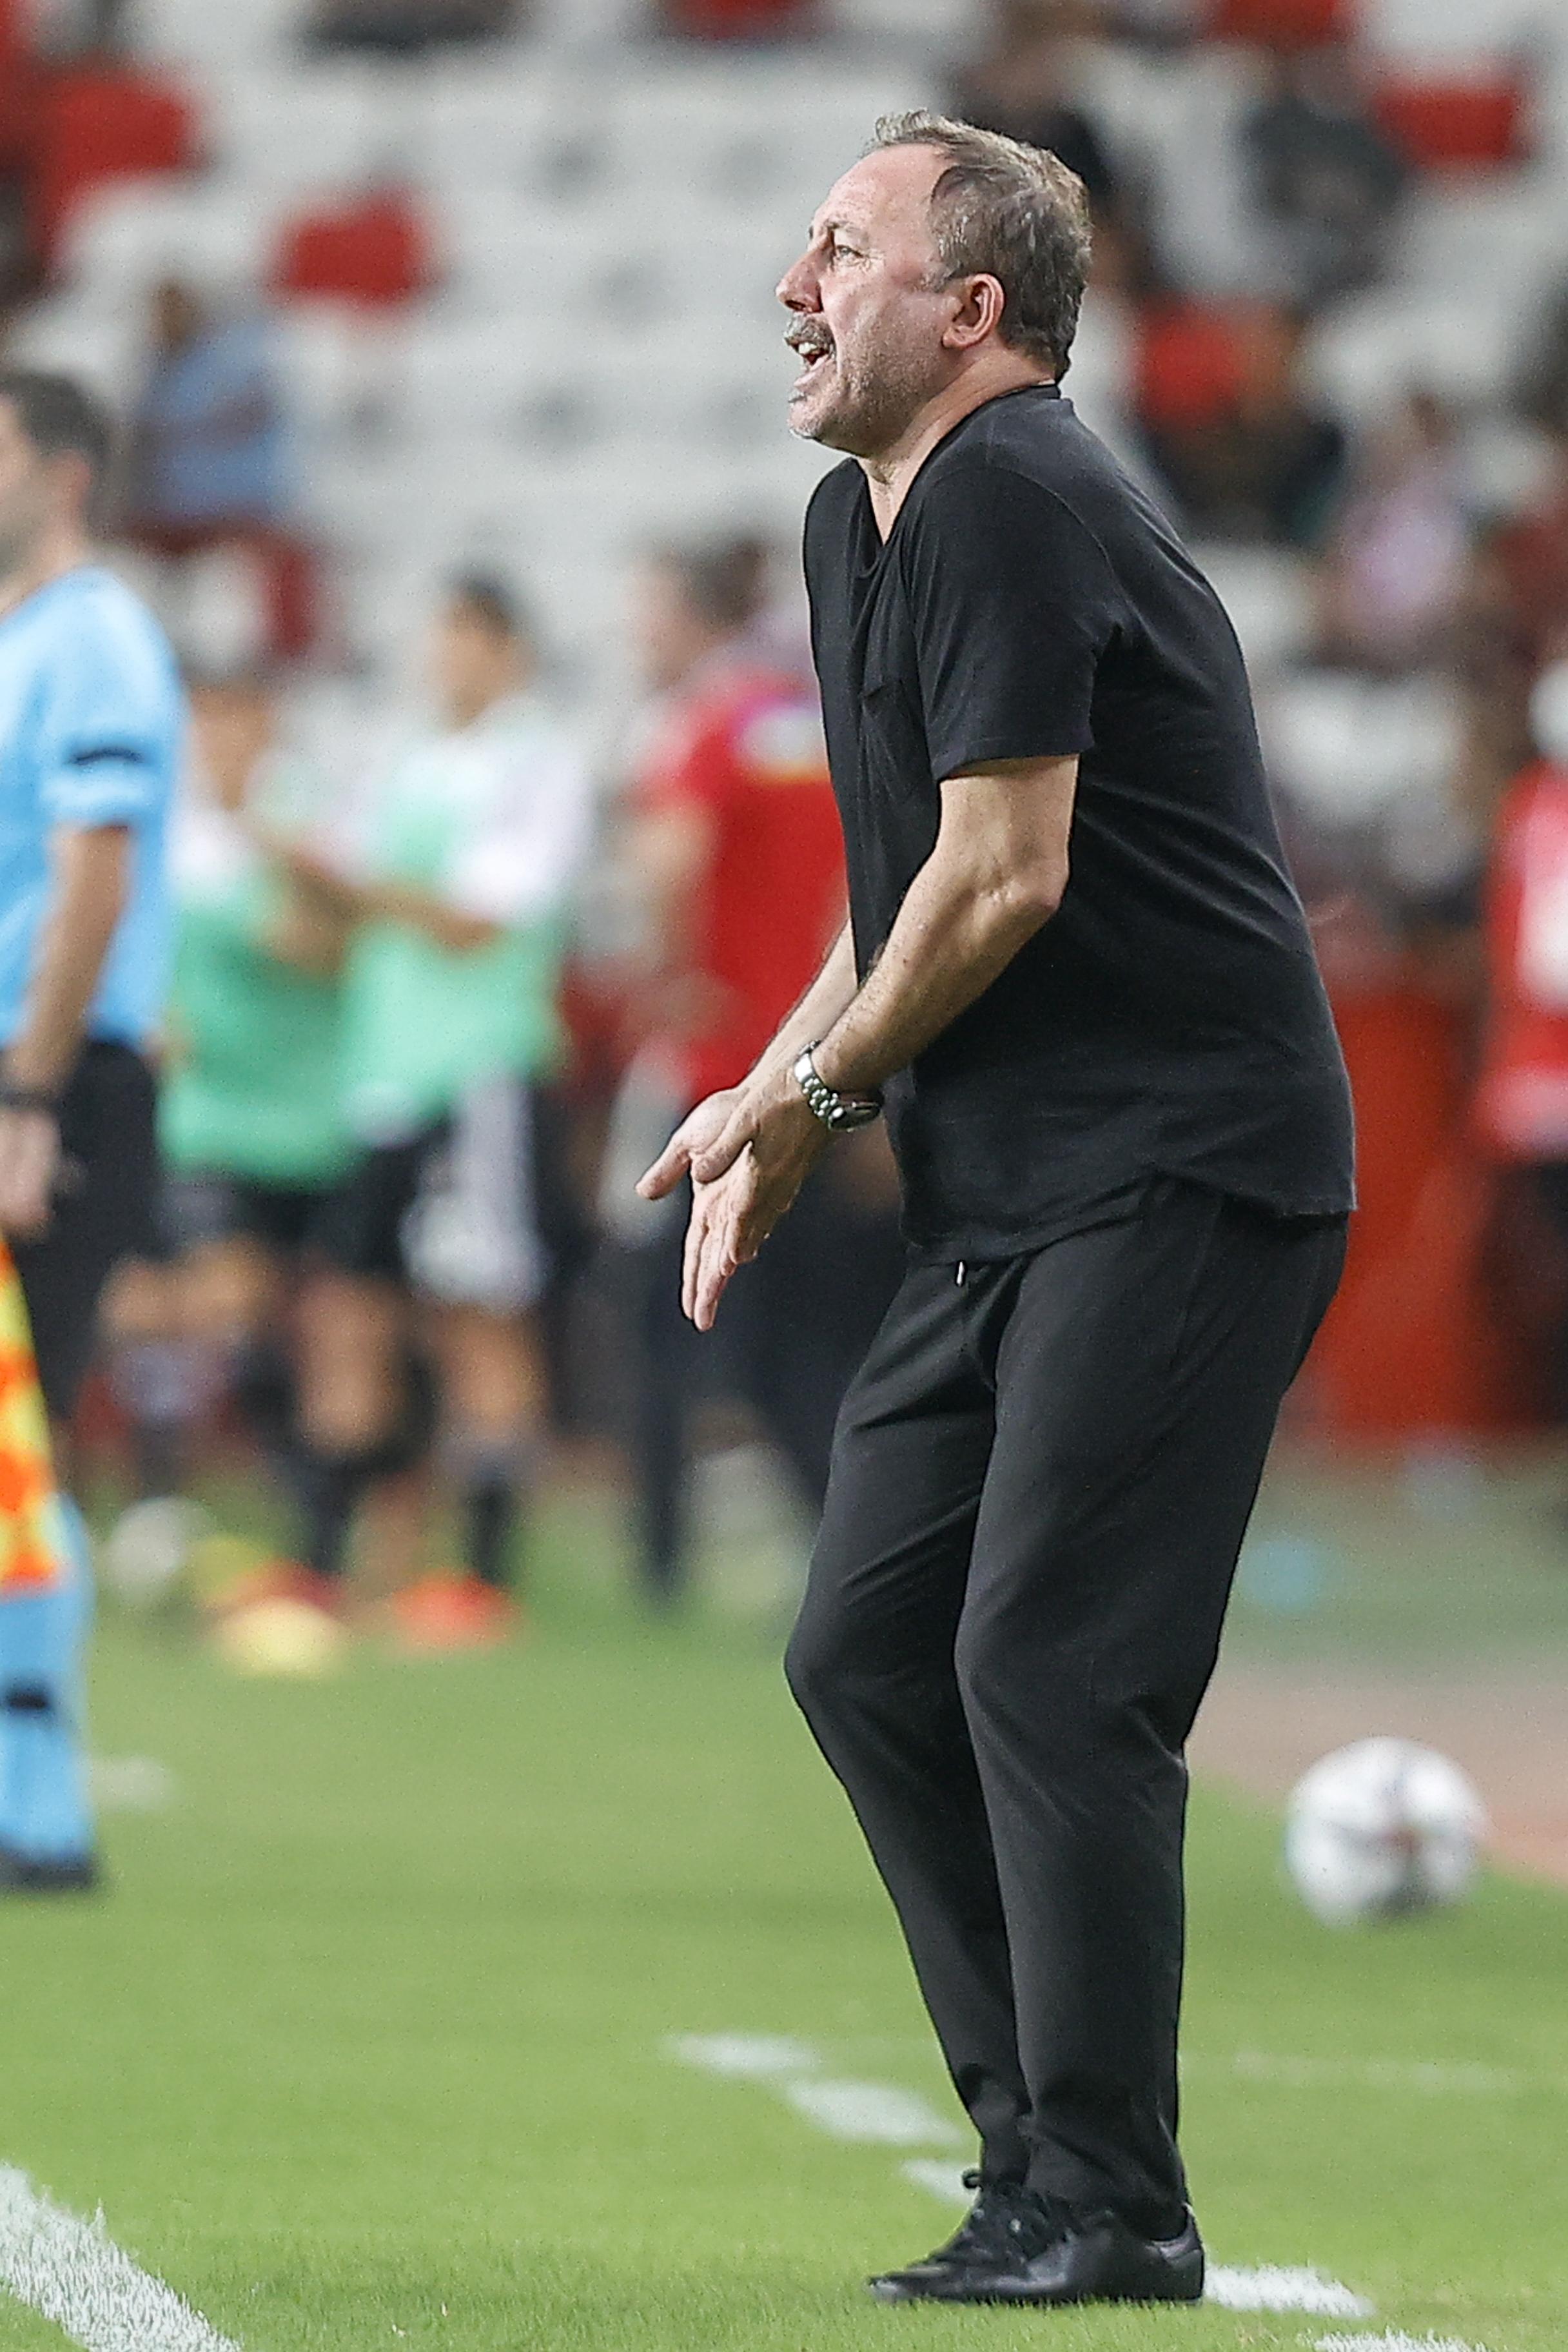 Antalyaspor 2 - 3 Beşiktaş| MAÇ SONUCU